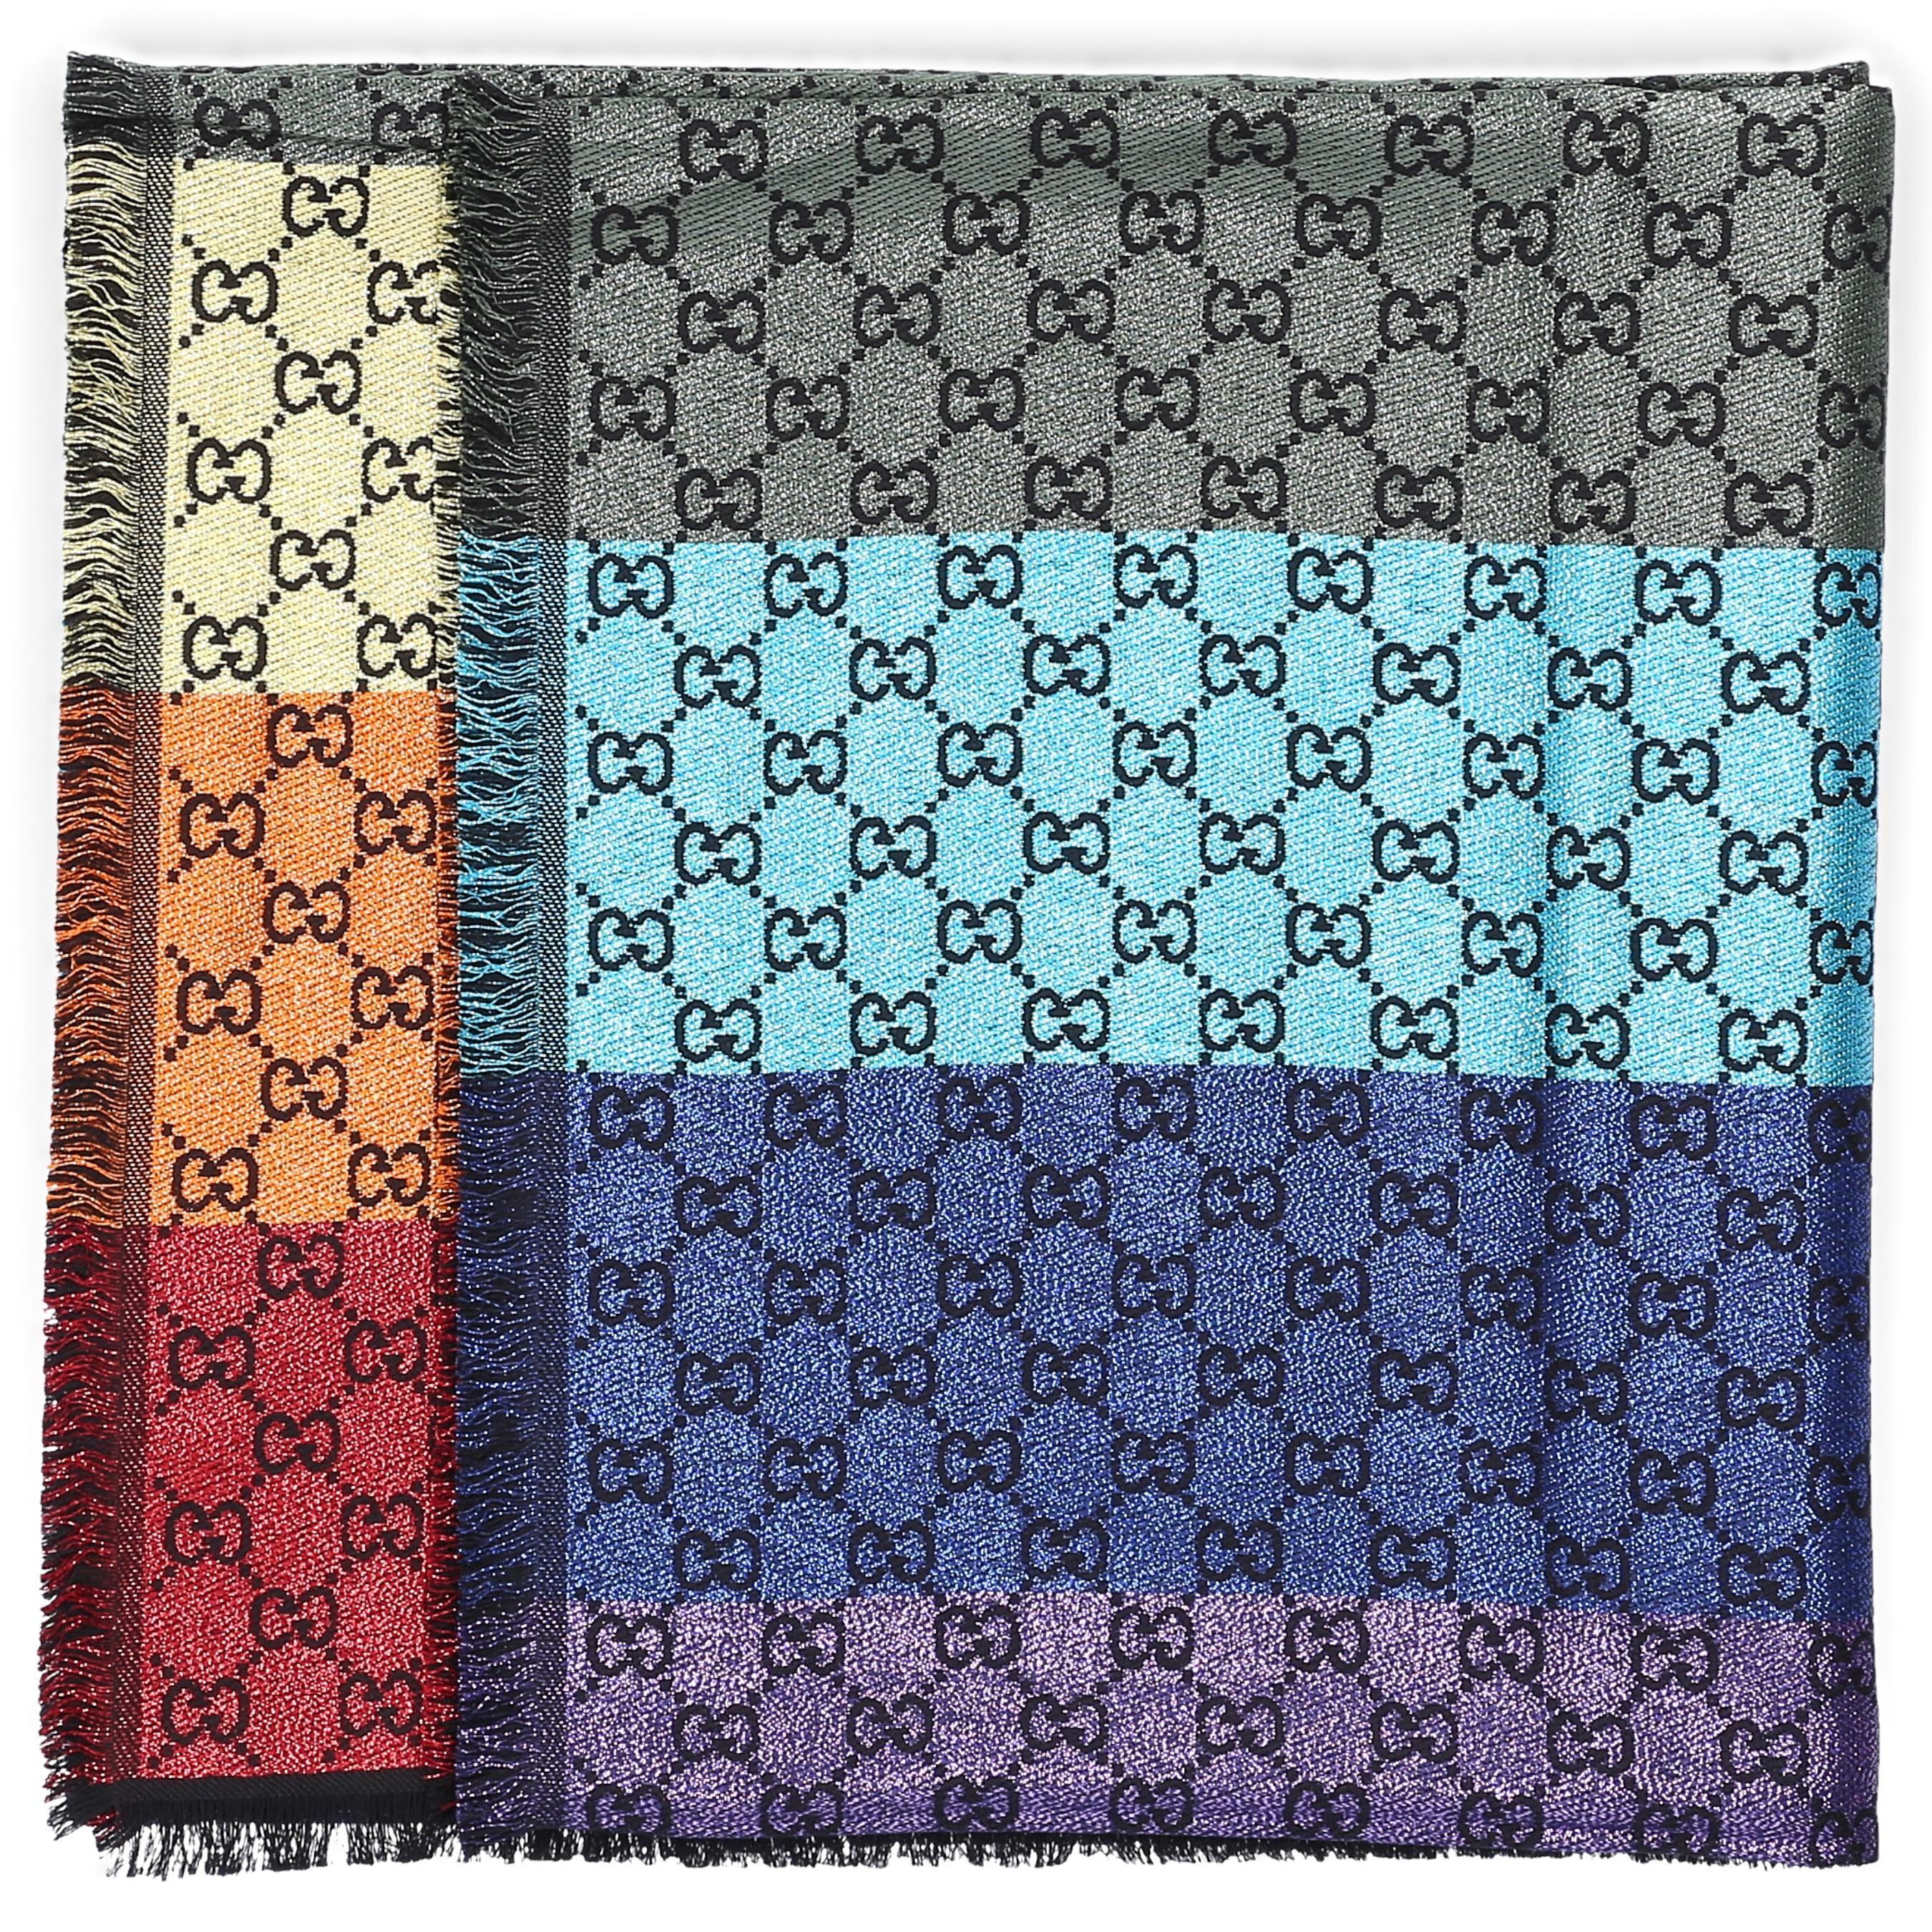 eb5e12b91596 Gucci Women Scarf 3gc46 Cotton Logo Black Multicolor in Black - Lyst